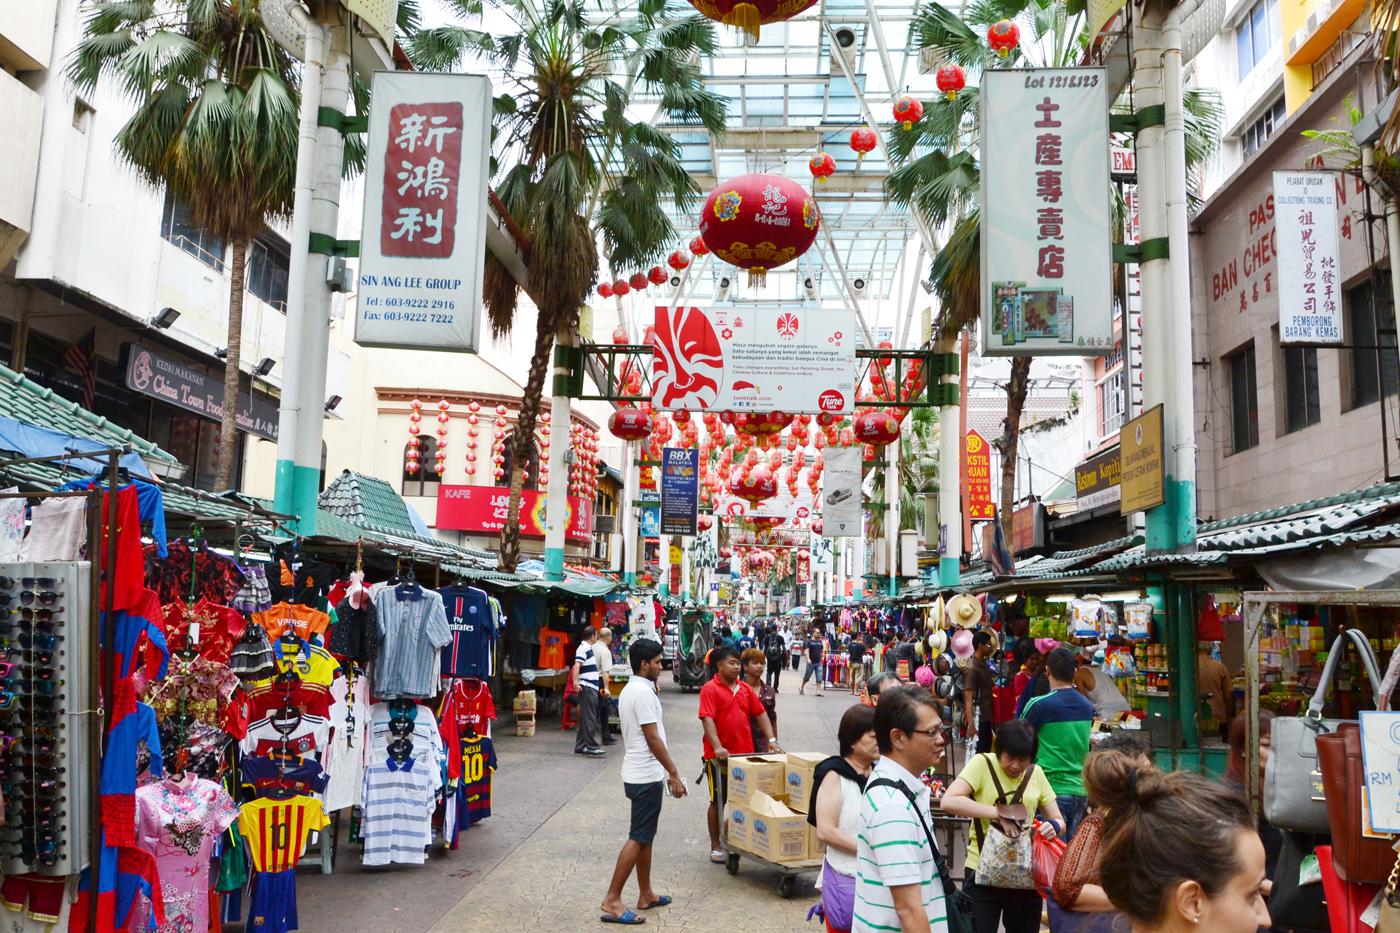 What-to-do-in-Kuala-Lumpur-chinatown-gucki